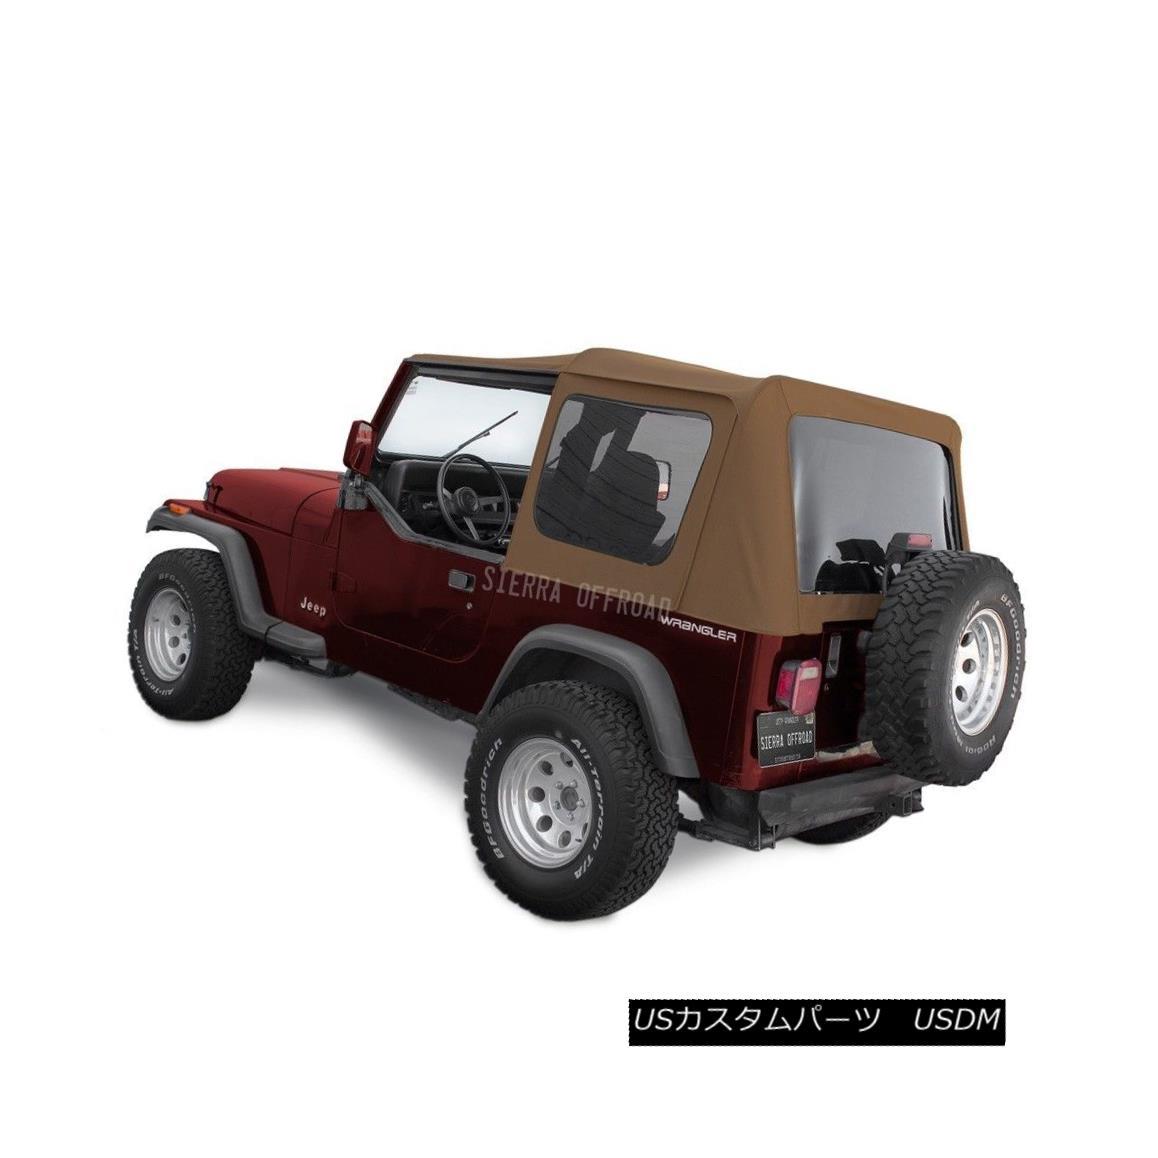 幌・ソフトトップ Jeep Wrangler YJ Soft Top 88-95 in Spice Denim, Tinted Windows ジープラングラーYJソフトトップ88-95スパイスデニム、色づけされたWindows